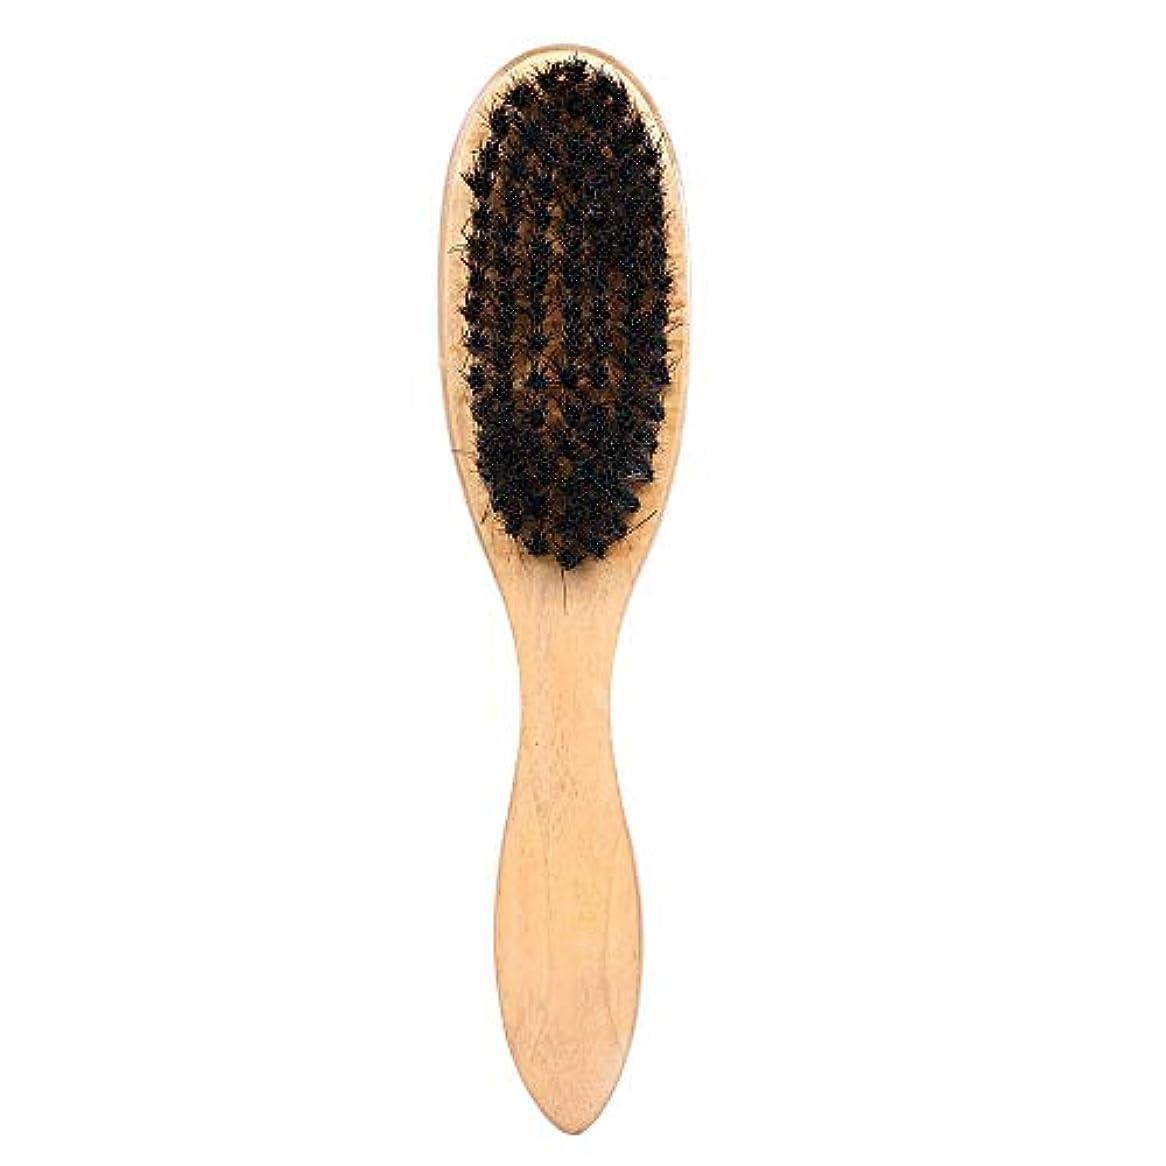 真面目な私のスコアひげブラシ木製ヘアブラシイノシシ剛毛木製ハンドルシェービングブラシ木製ひげ櫛男性用